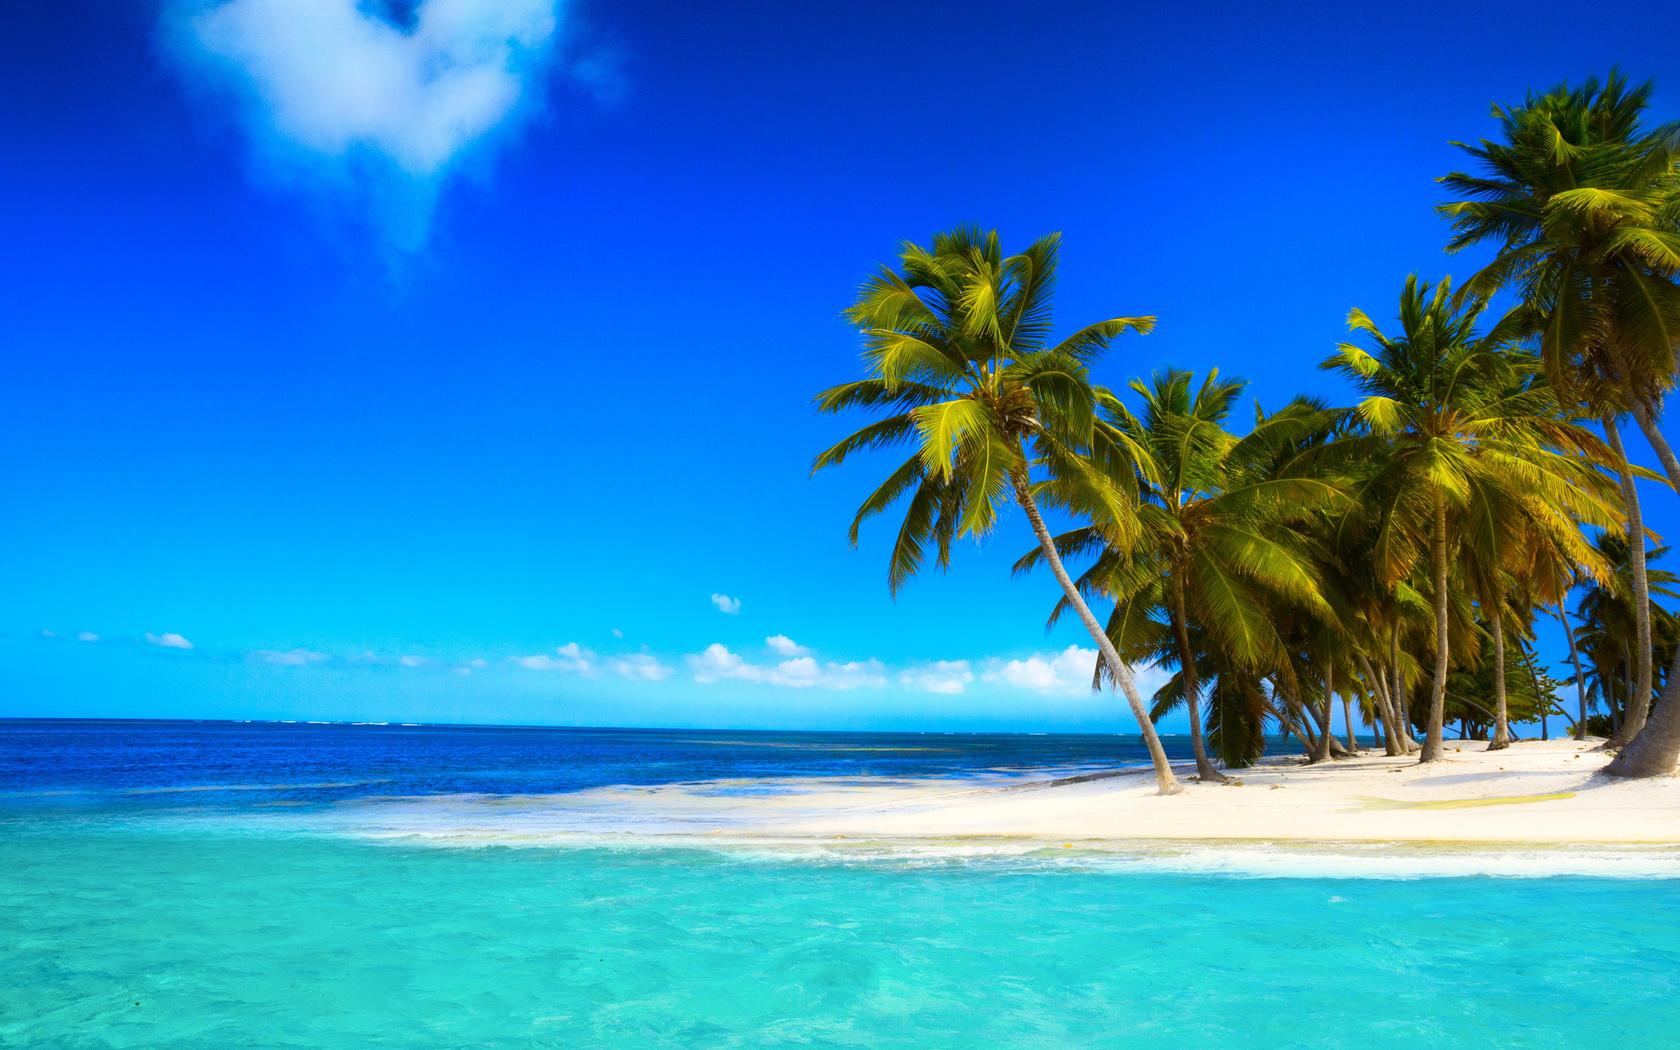 тропики, пальмы